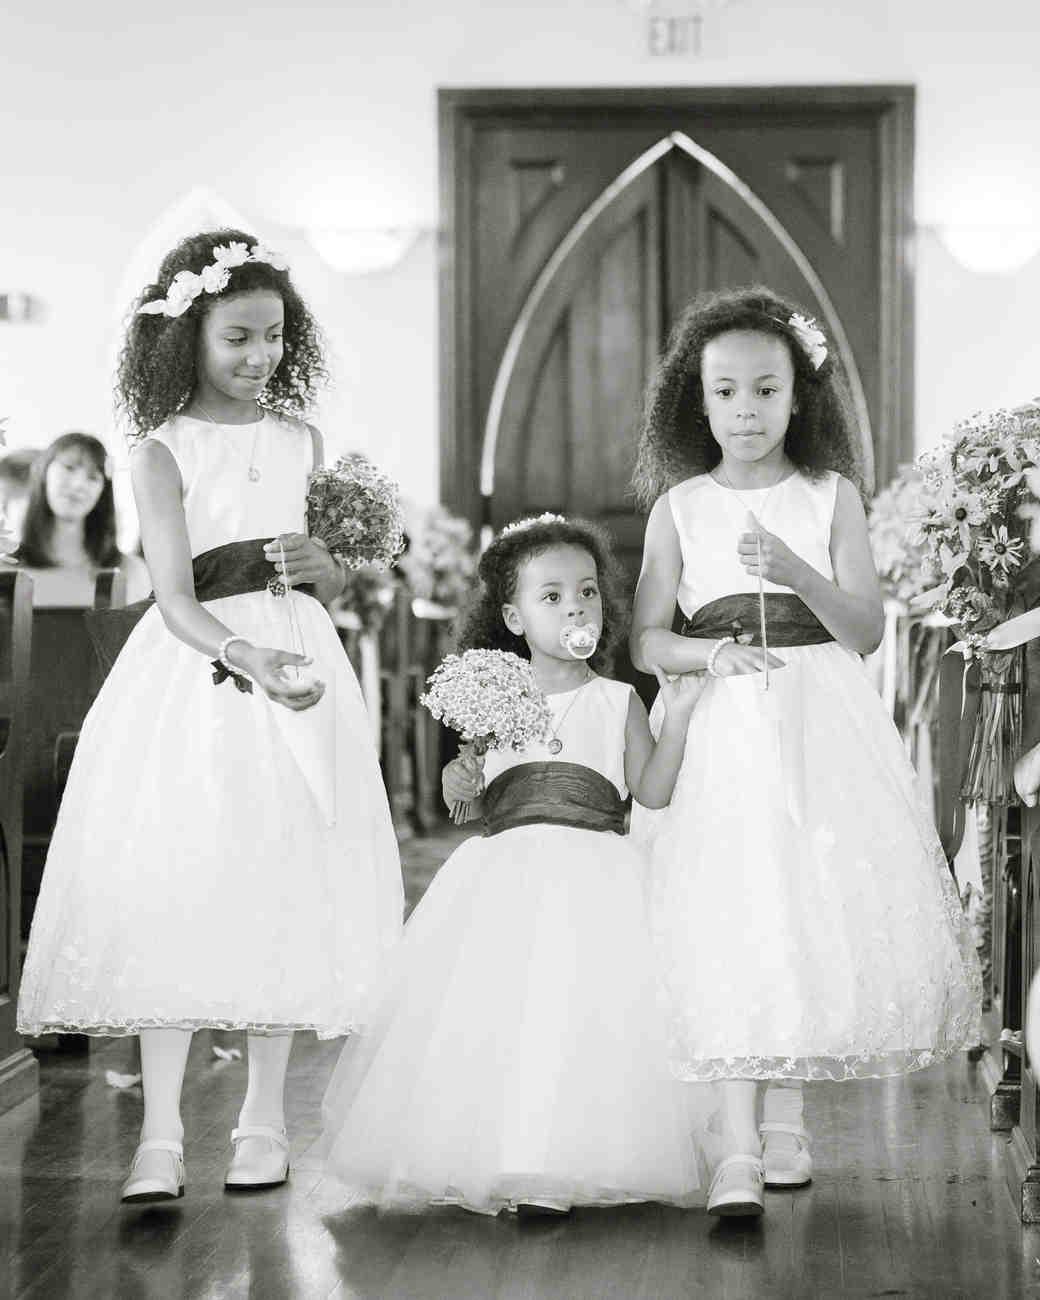 kristel-austin-wedding-flowergirls-0630-s11860-0415.jpg